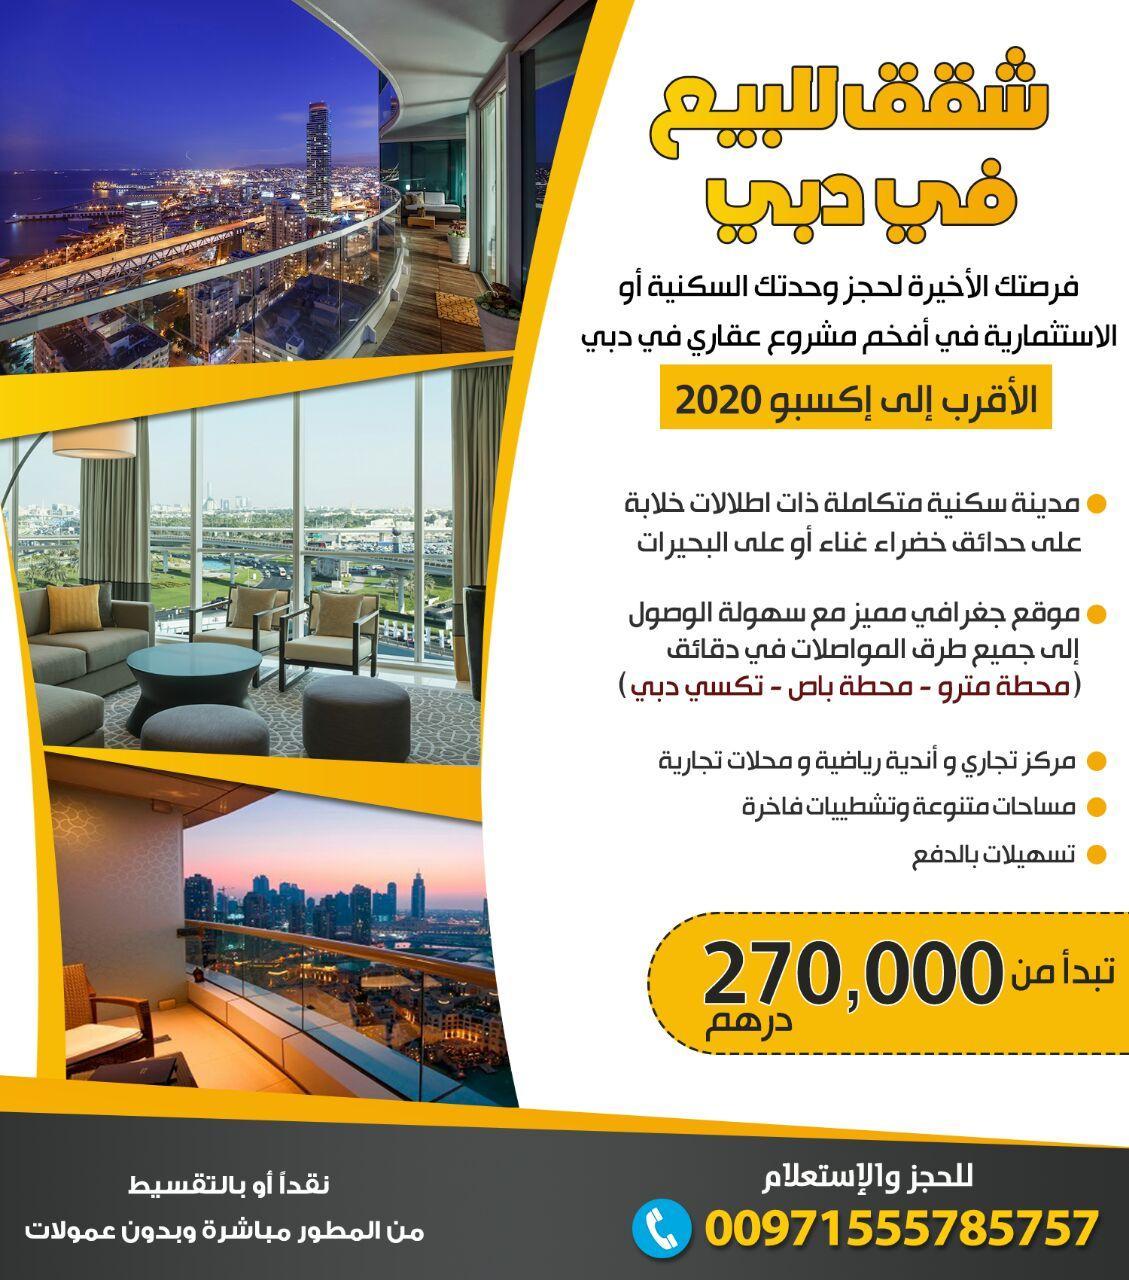 شقق فخمة للبيع في دبي ابتداء من 270 الف درهم فقط 715481855